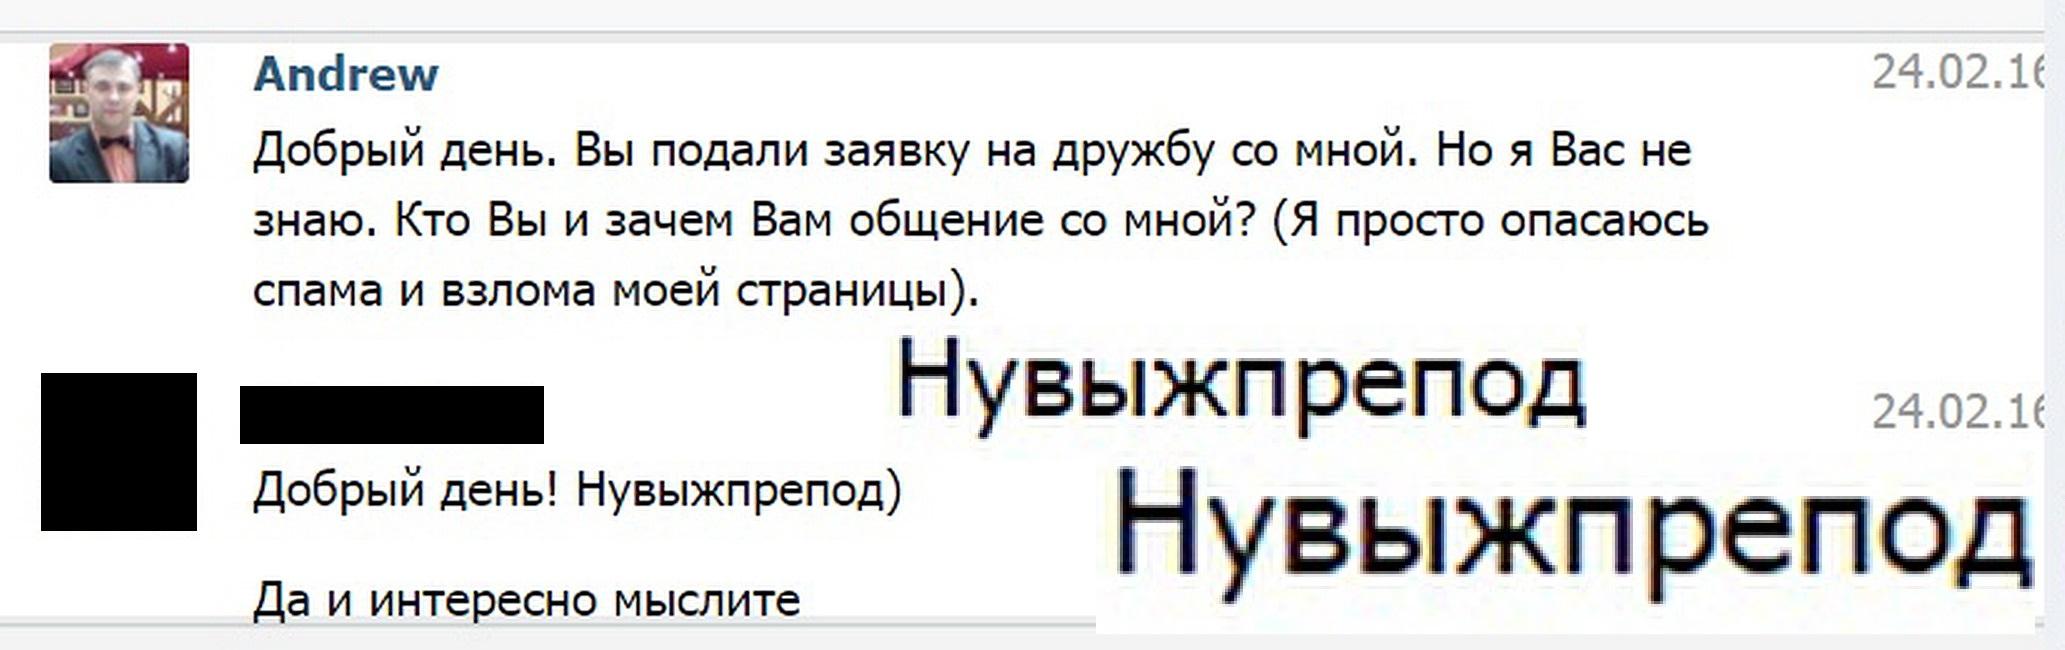 ПРЕПОД-Я.jpg